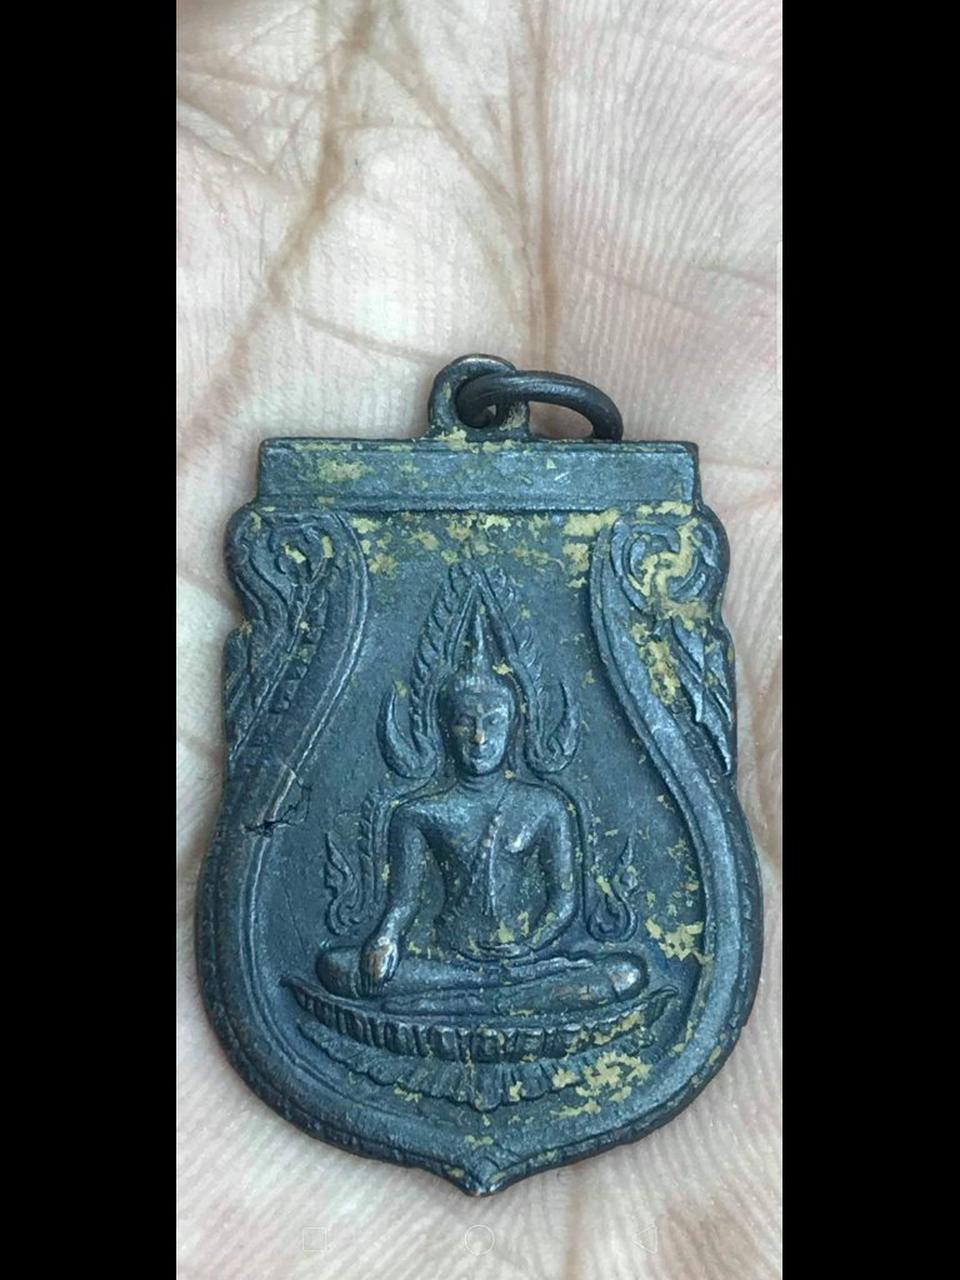 เปิดคับ เหรียญพระพุทธชินราชอินโดจีน รุ่นแรก  (บล็อคนิยม)  รูปที่ 1